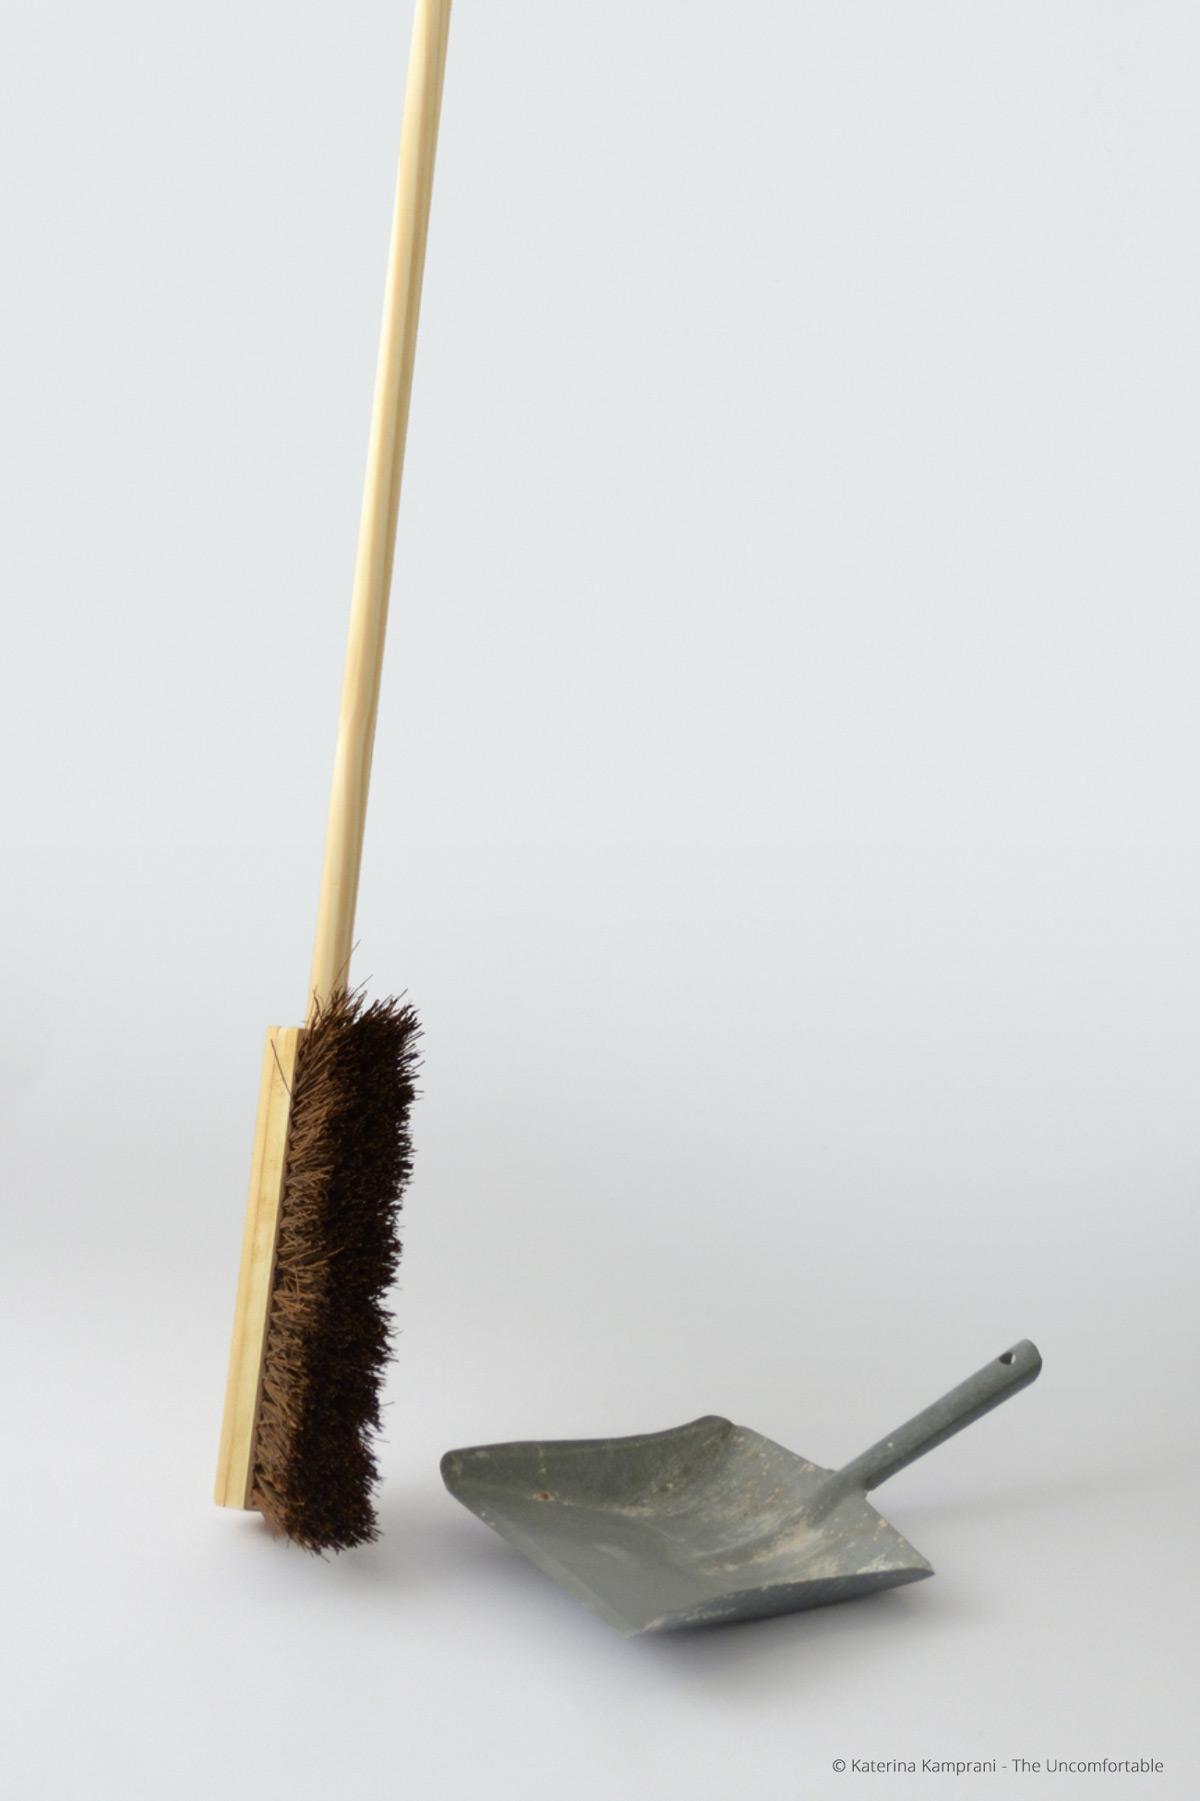 The Uncomfortable, gli oggetti di Katerina Kamprani | Collater.al 1